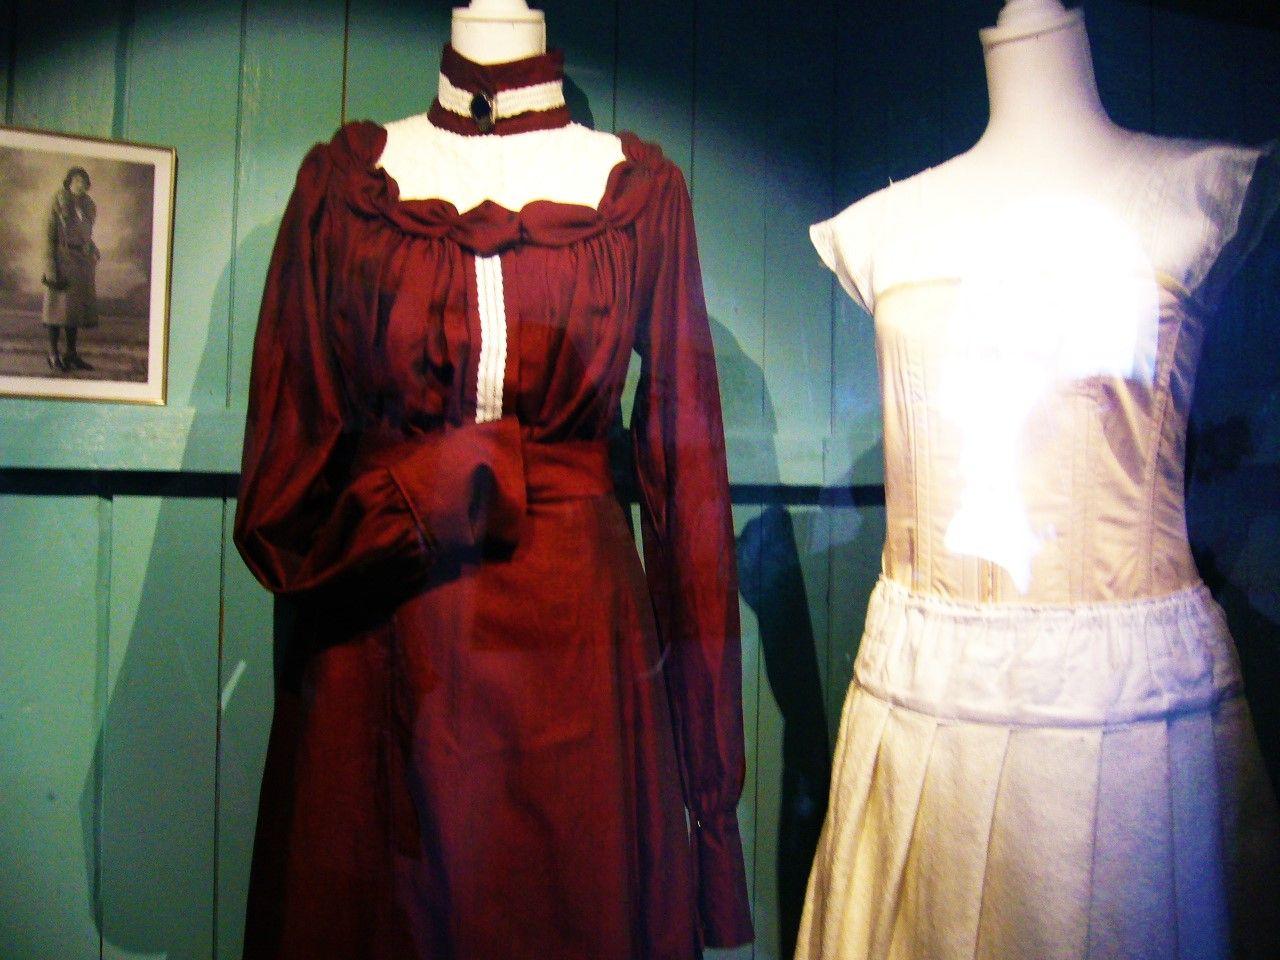 風車博物館内へ!キッチン、ベッド、衣服…当時を想わせる貴重な文化財